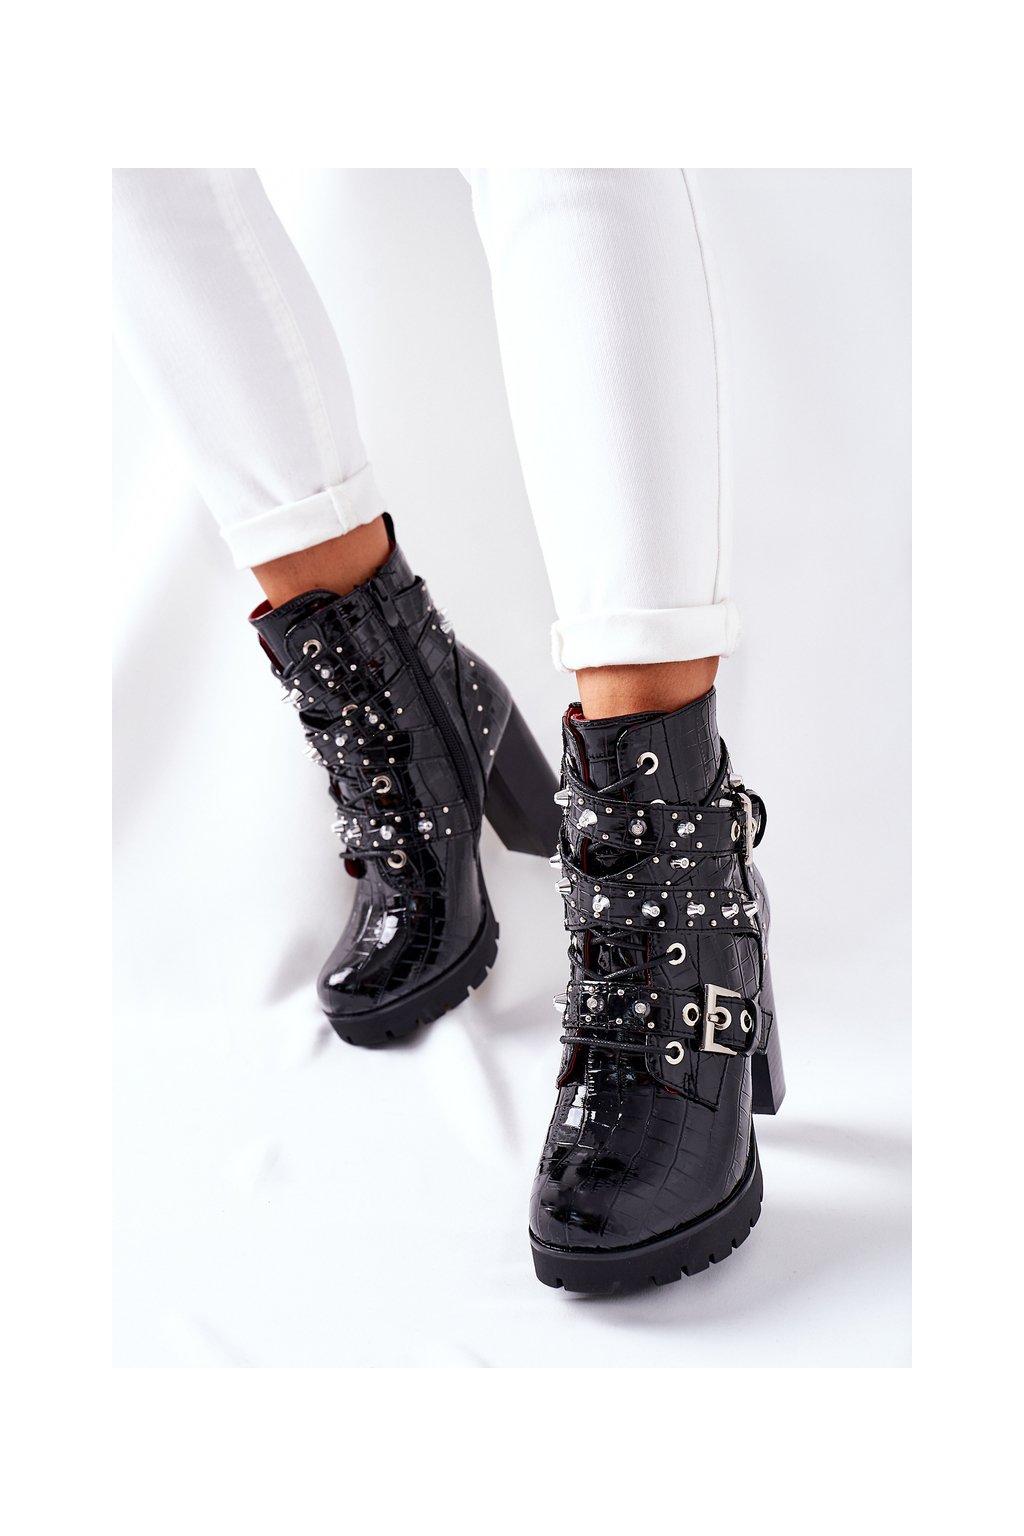 Členkové topánky na podpätku farba čierna kód obuvi M331 BLK MIRROR STONE